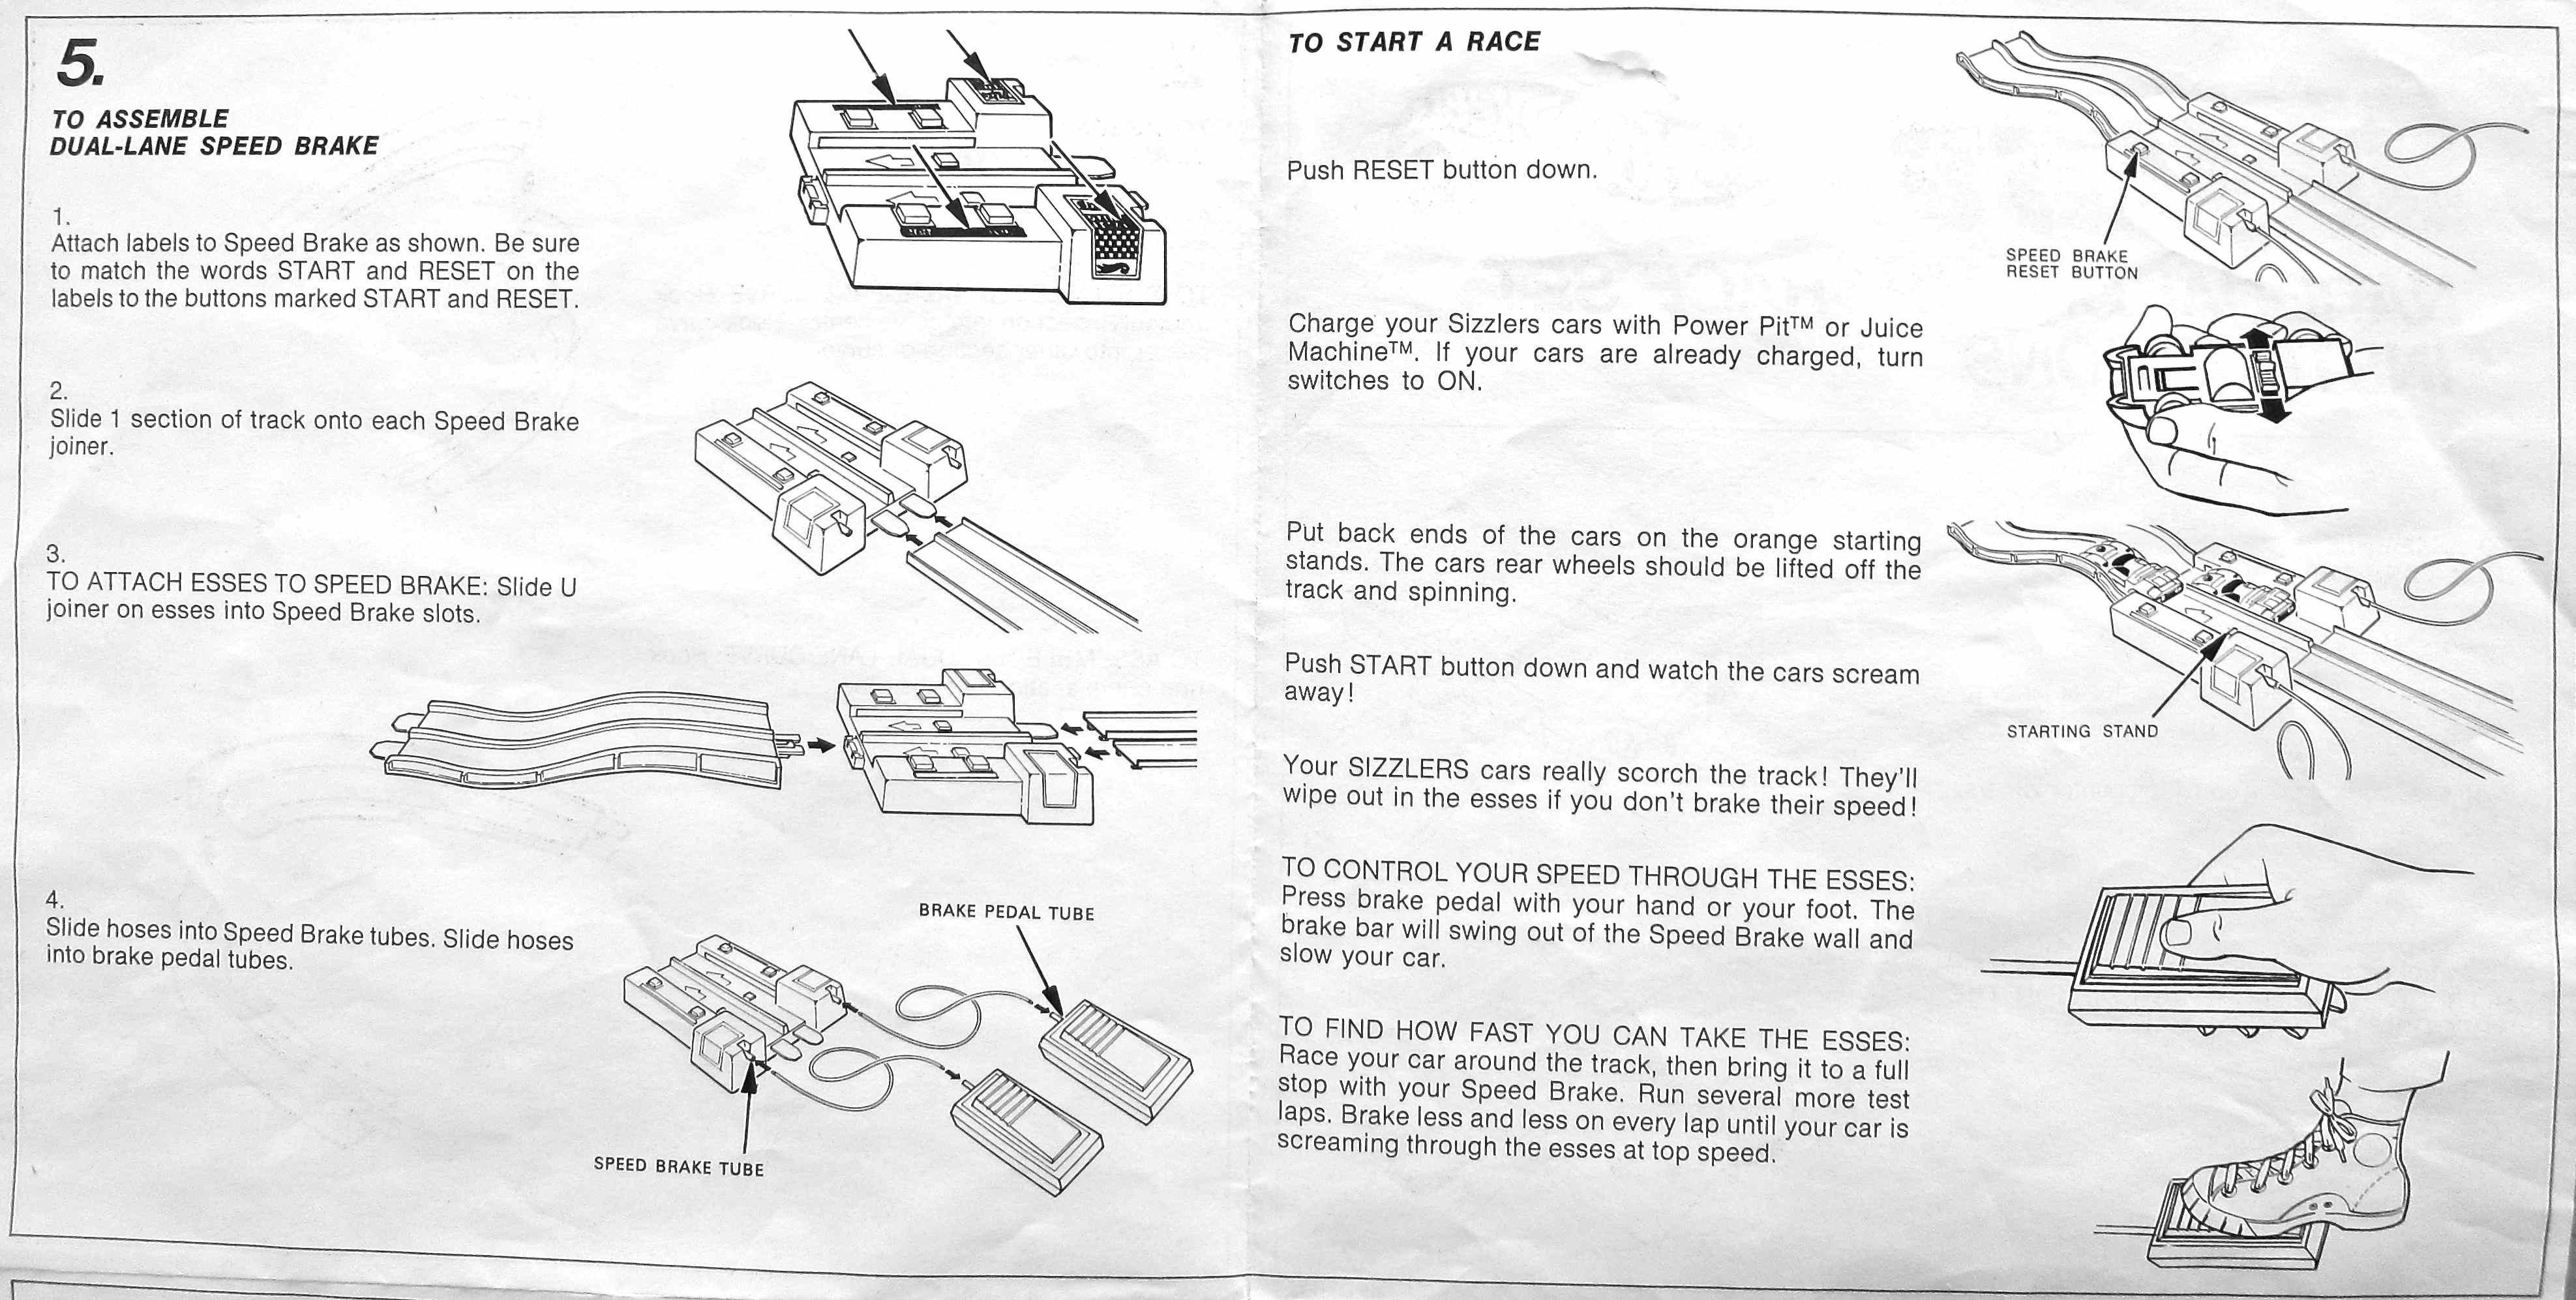 hot wheels set instructions